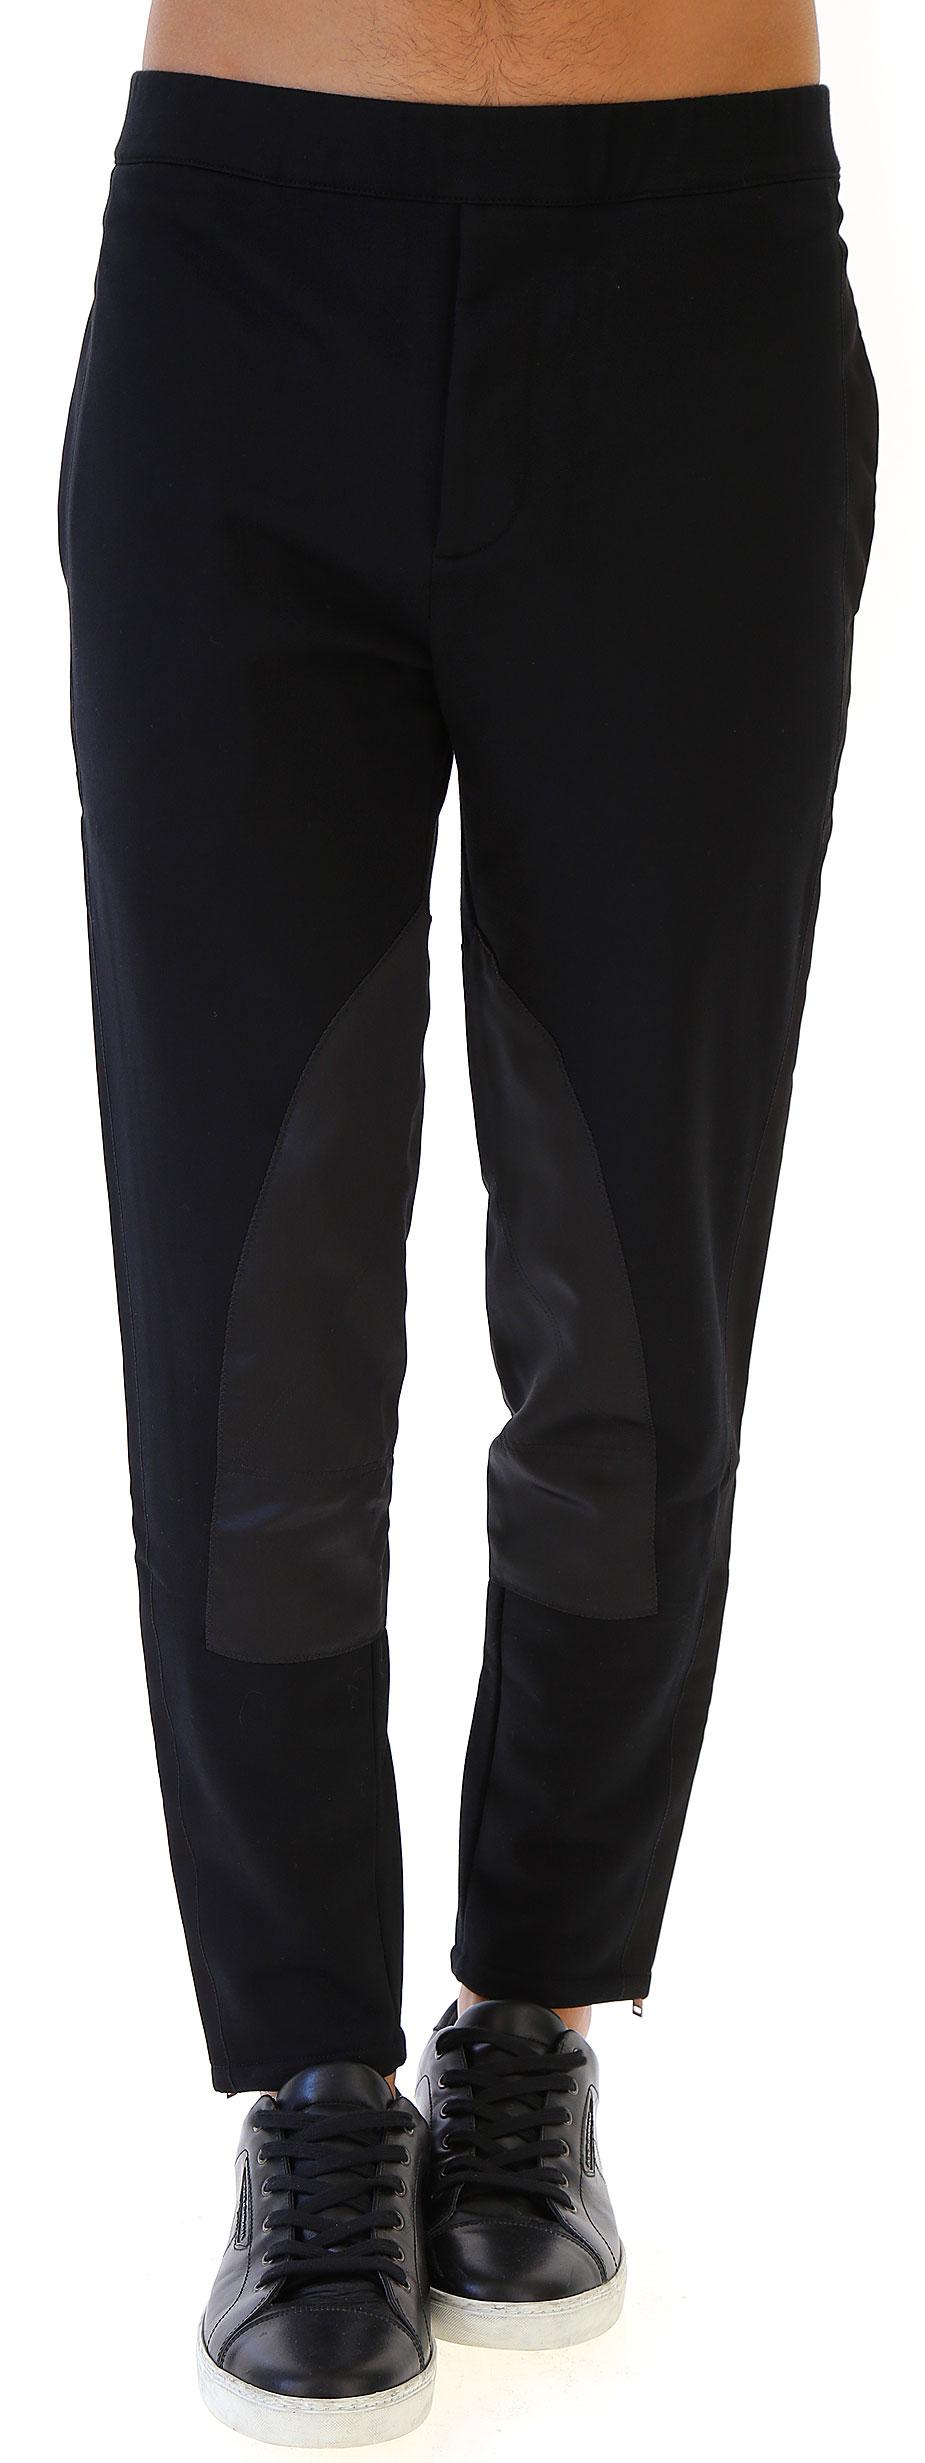 Abbigliamento Uomo Alexander Mcqueen Codice Articolo 464004-qjx17-1000